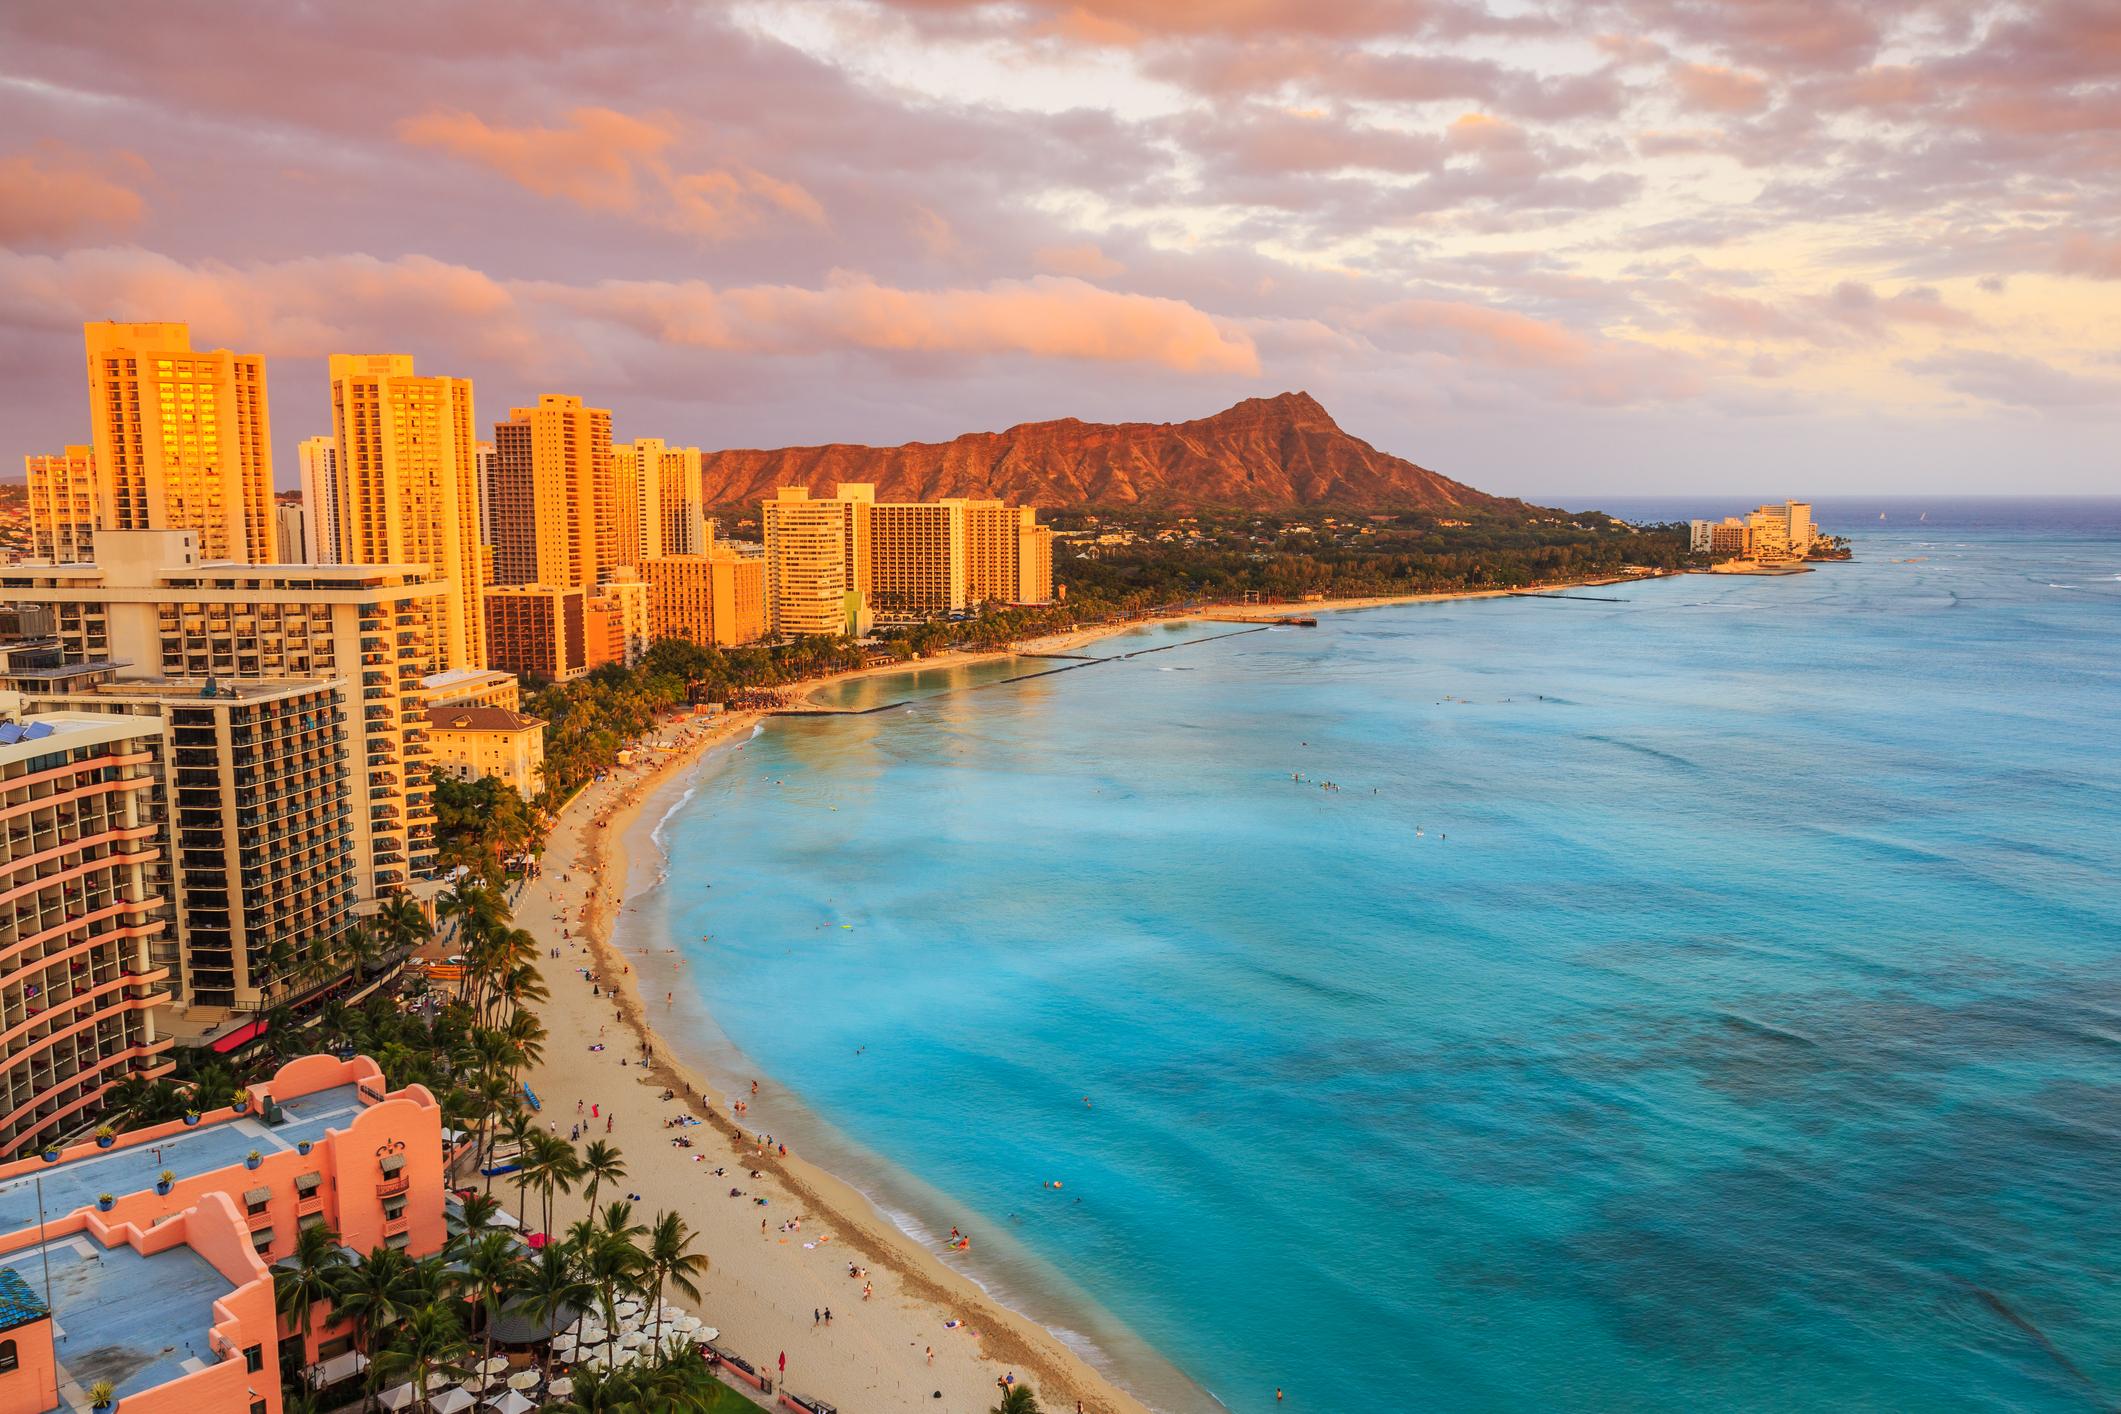 The Honolulu shoreline.